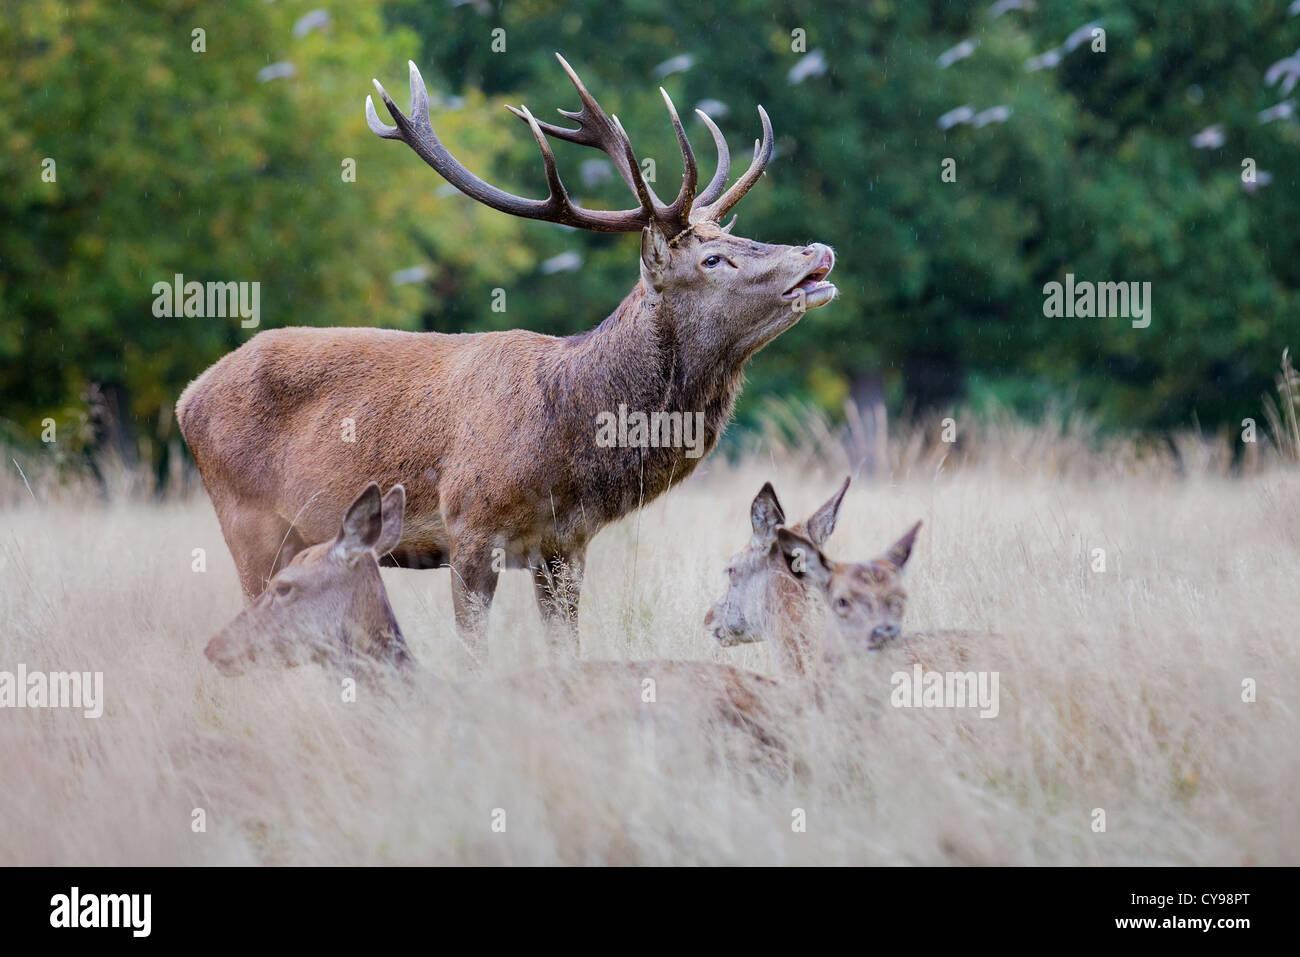 Ciervo el ciervo colorado (Cervus elaphus) berrea en la lluvia durante la temporada de celo, Richmond, Inglaterra Imagen De Stock